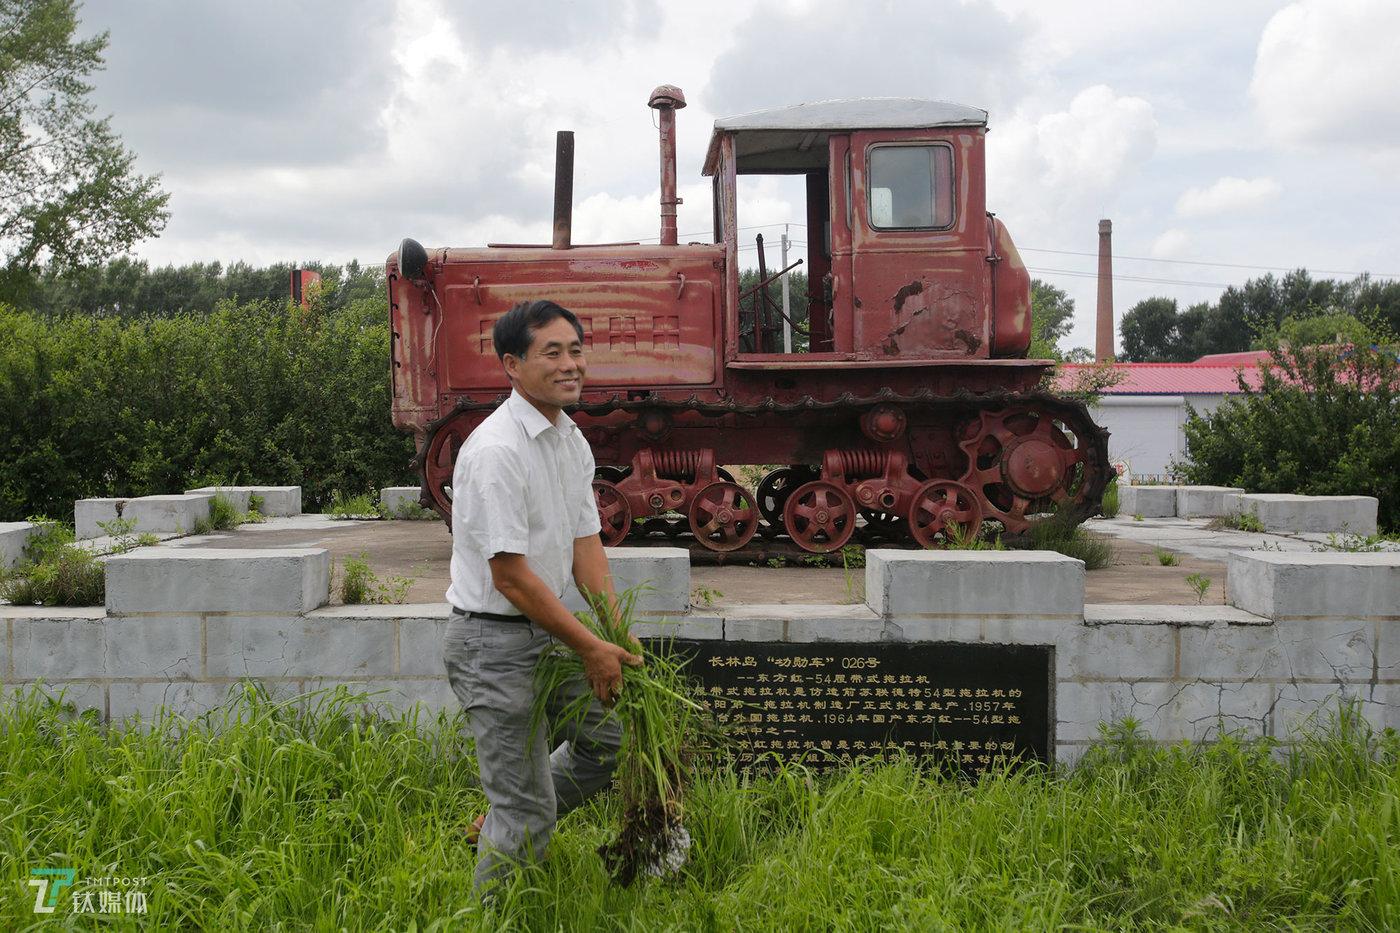 任维新的父亲是一名老农机师,他已经退休在家。在他家门口,有一台产于1960年代的东方红拖拉机,这是任维新爷爷那一辈人当年开垦北大荒留下的历史见证。任维新向钛媒体《在线》介绍,他的爷爷曾是抗美援朝老兵,当年复员后被分配到北大荒,从此就在北大荒扎根。